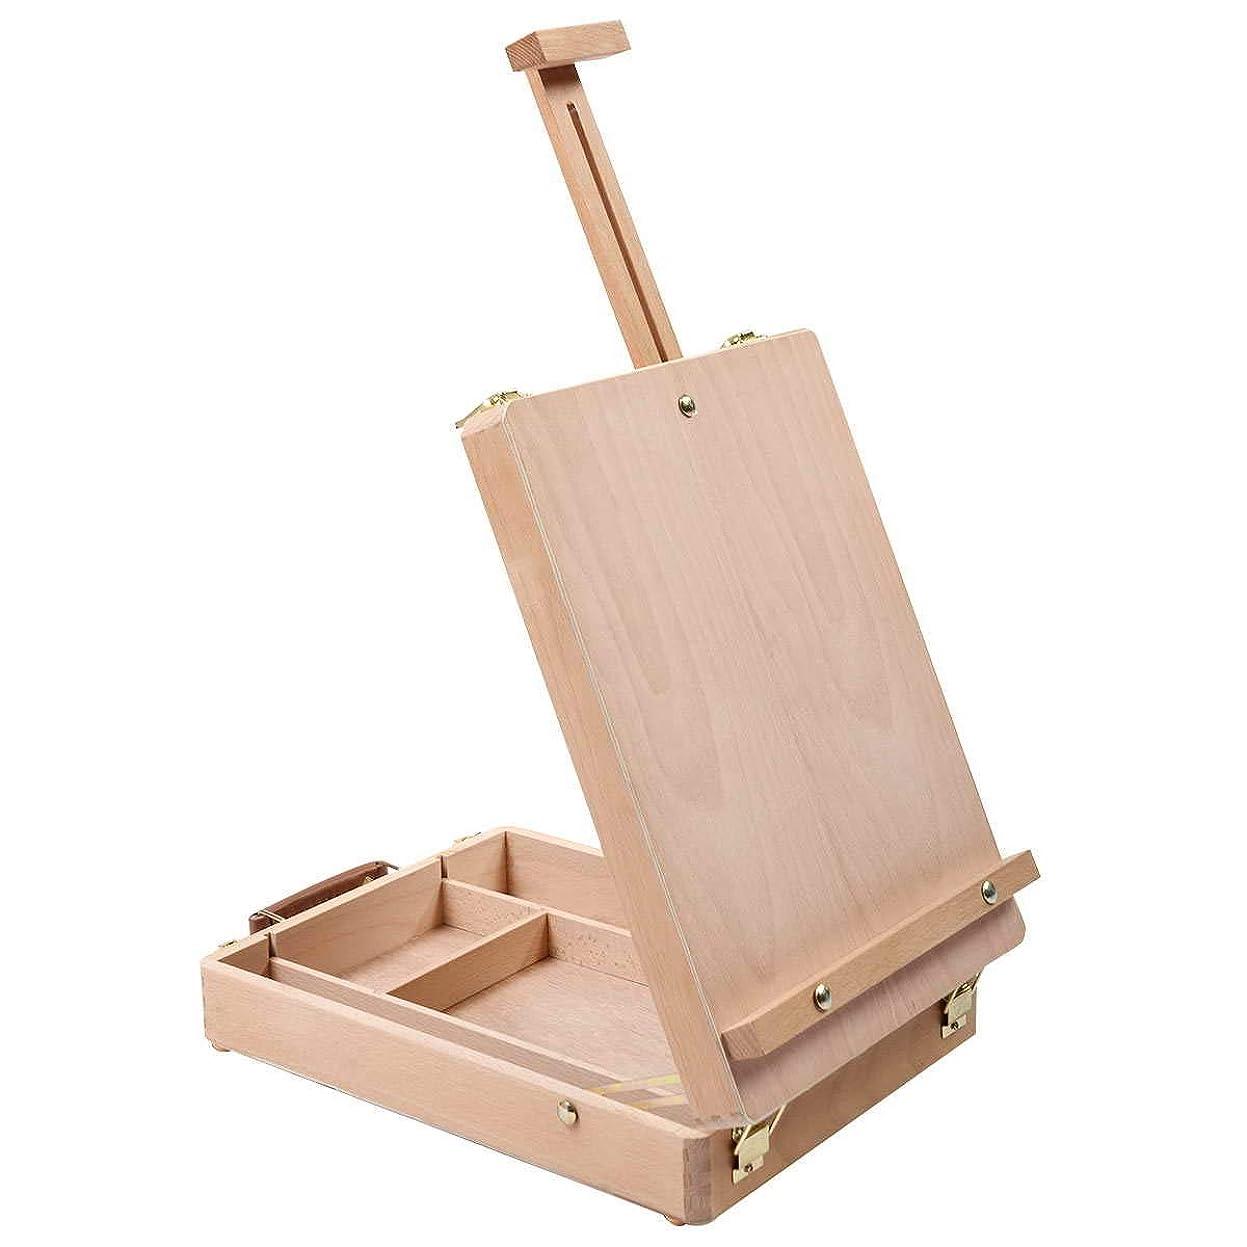 暴力的な年次飛行機Costway イーゼル 卓上イーゼル 木製 スケッチイーゼル 写生用イーゼル 画板立て 折りたたみ式 高さ調整可能 画材 絵画ボックス (イーゼル564)